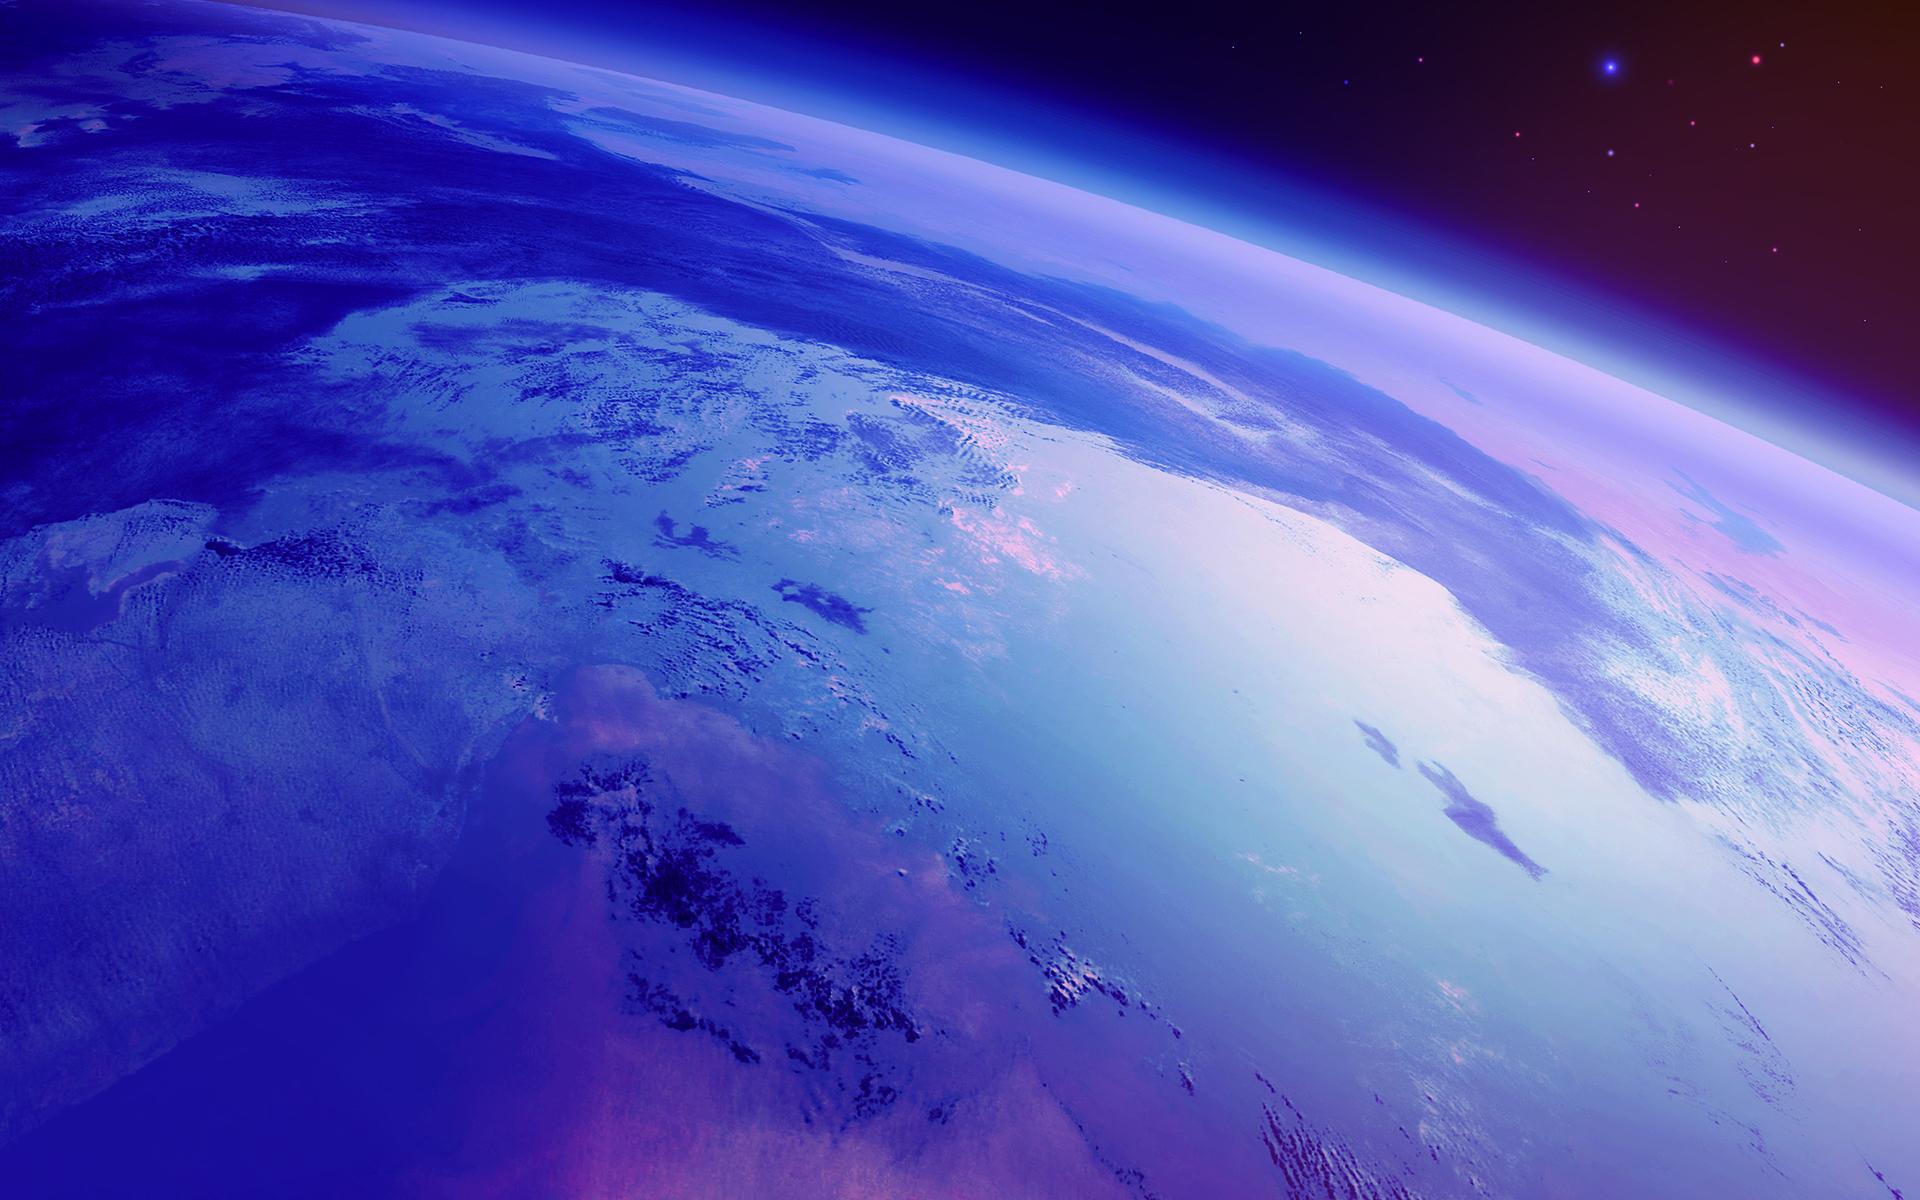 Обои Земля планета космос картинки на рабочий стол на тему Космос - скачать  № 3551638 без смс